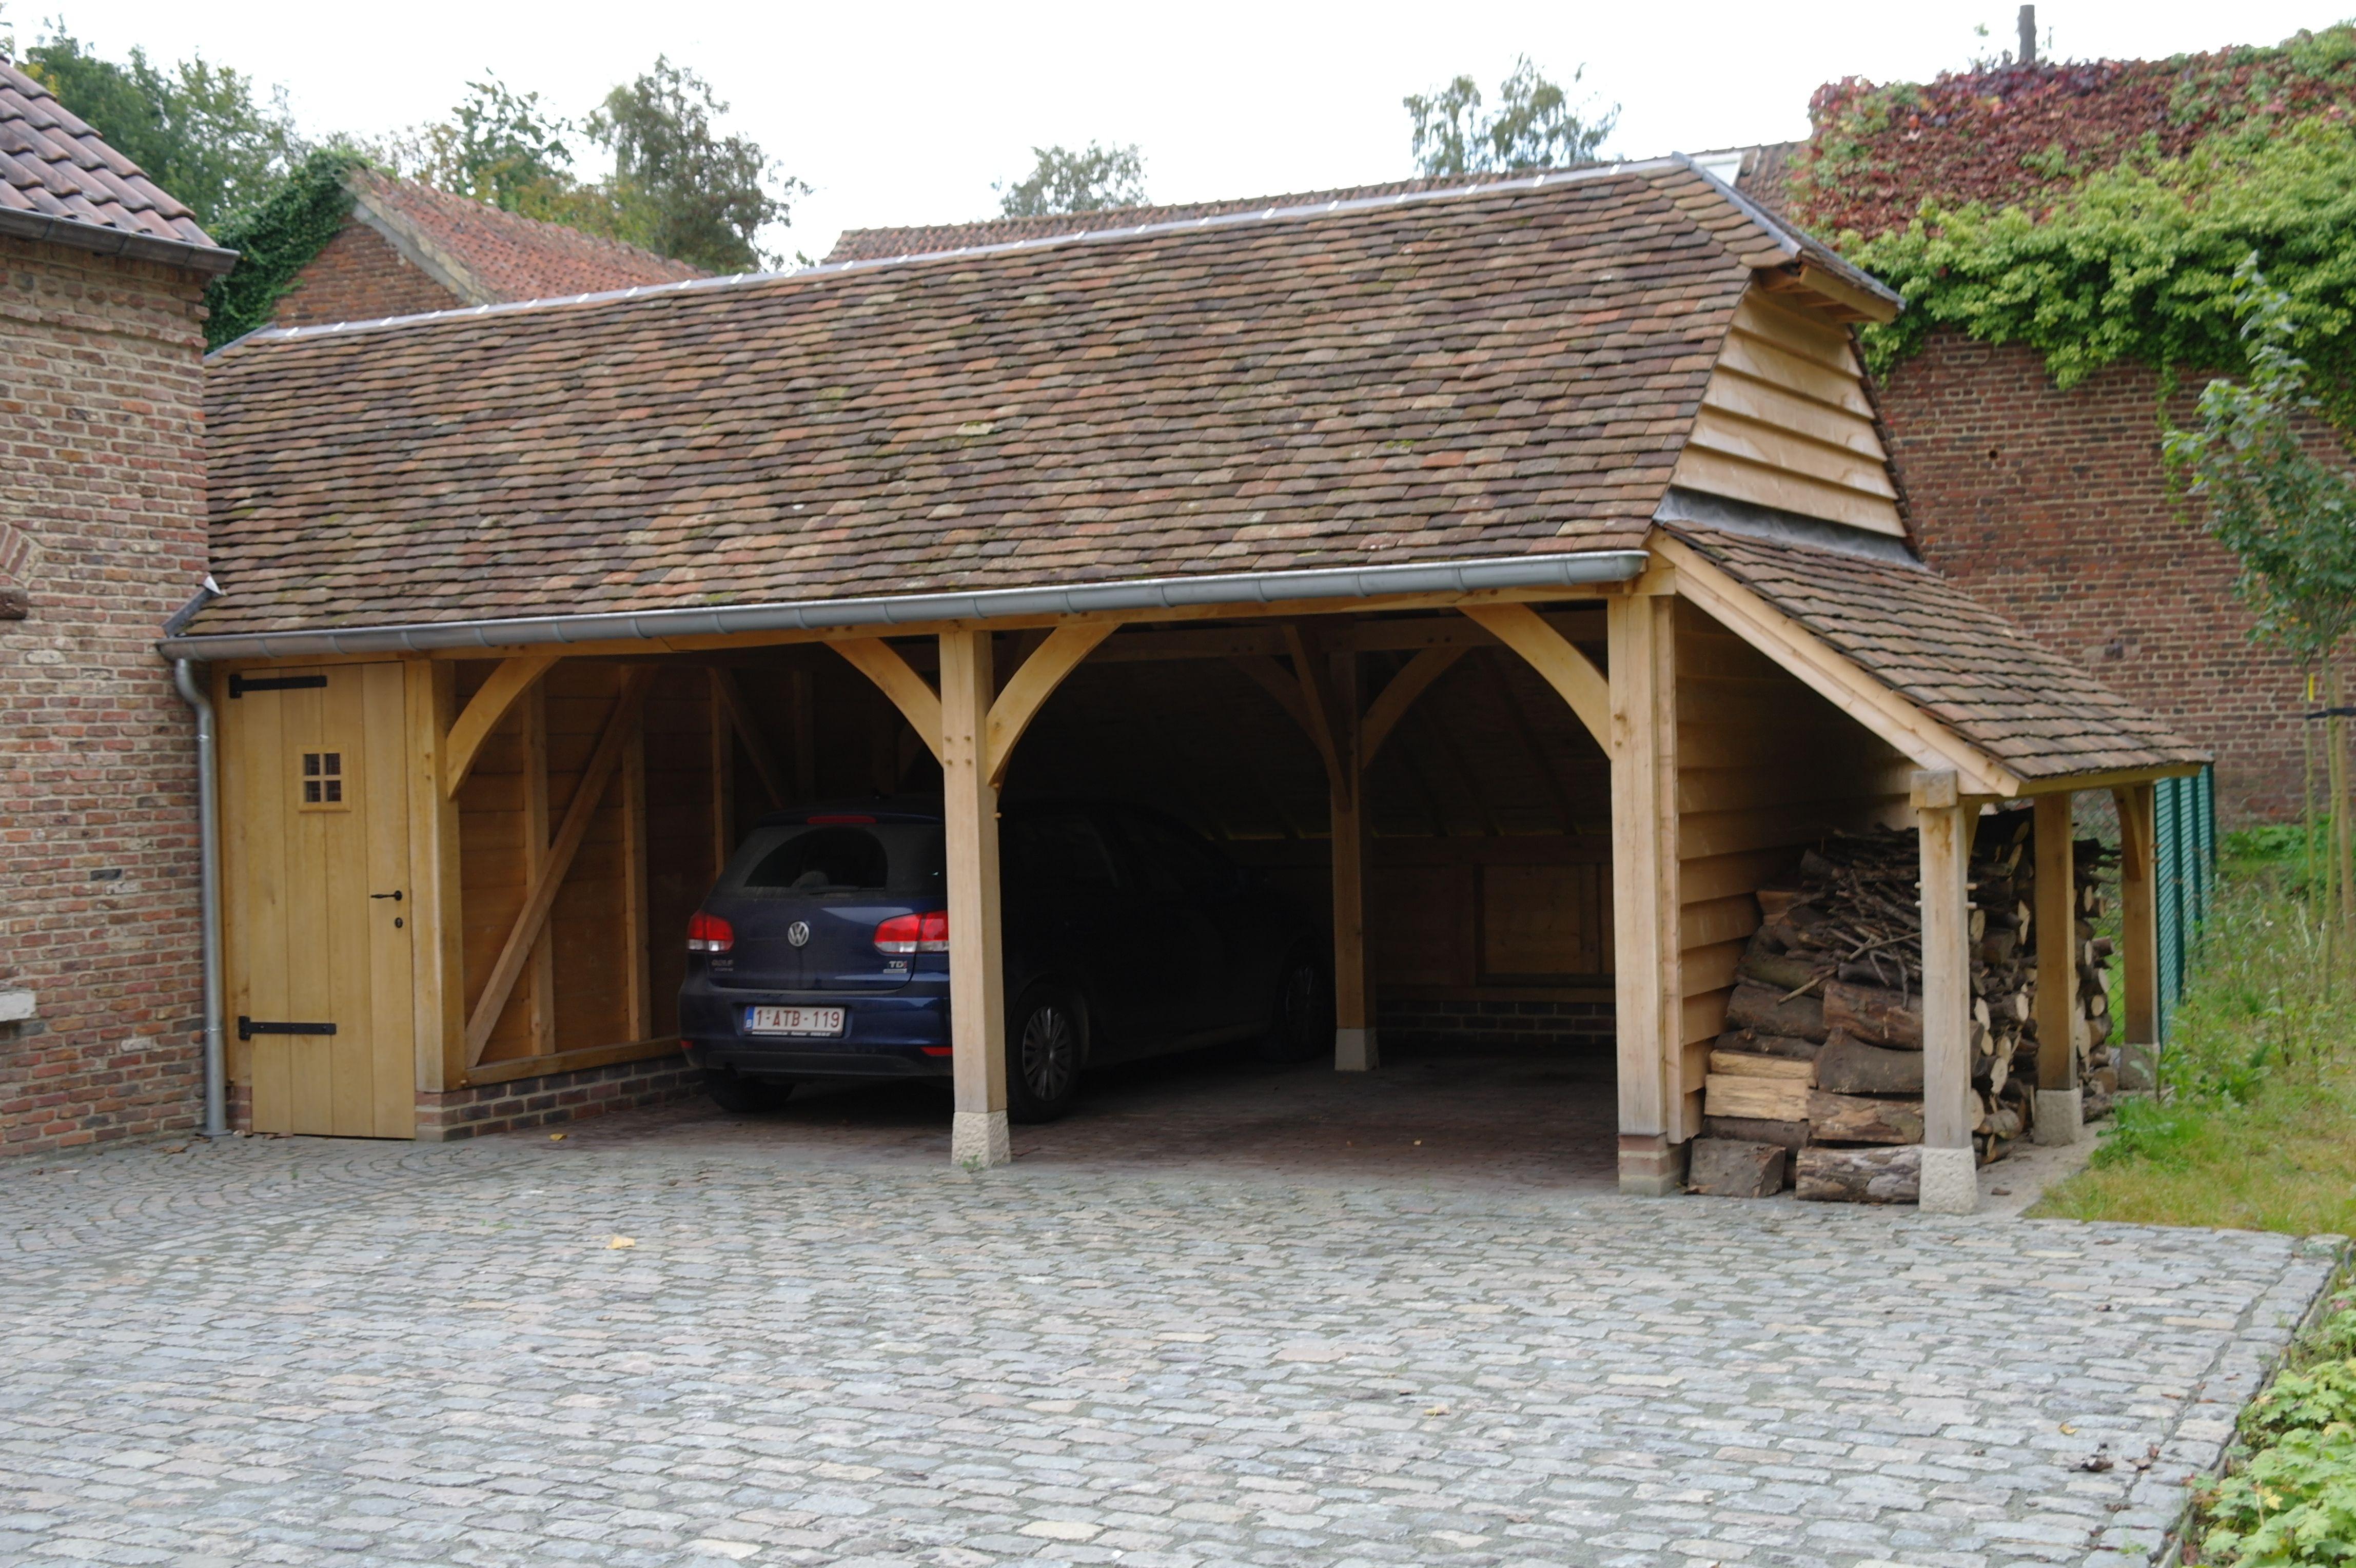 eiken aanbouw deels carport berging en houtopslag dak is voorzien van oude bourgondische tegelpannen